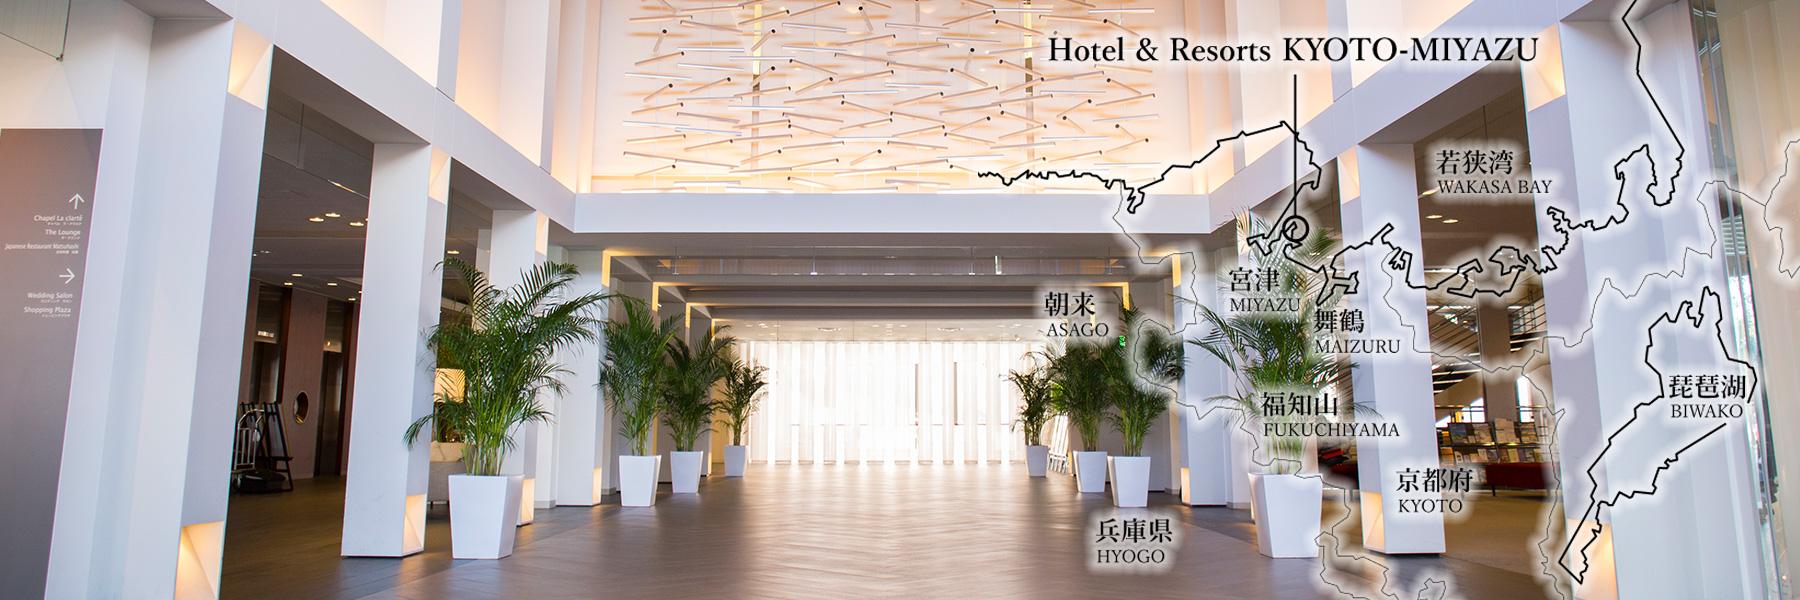 Hotel & Resorts KYOTO-MIYAZU